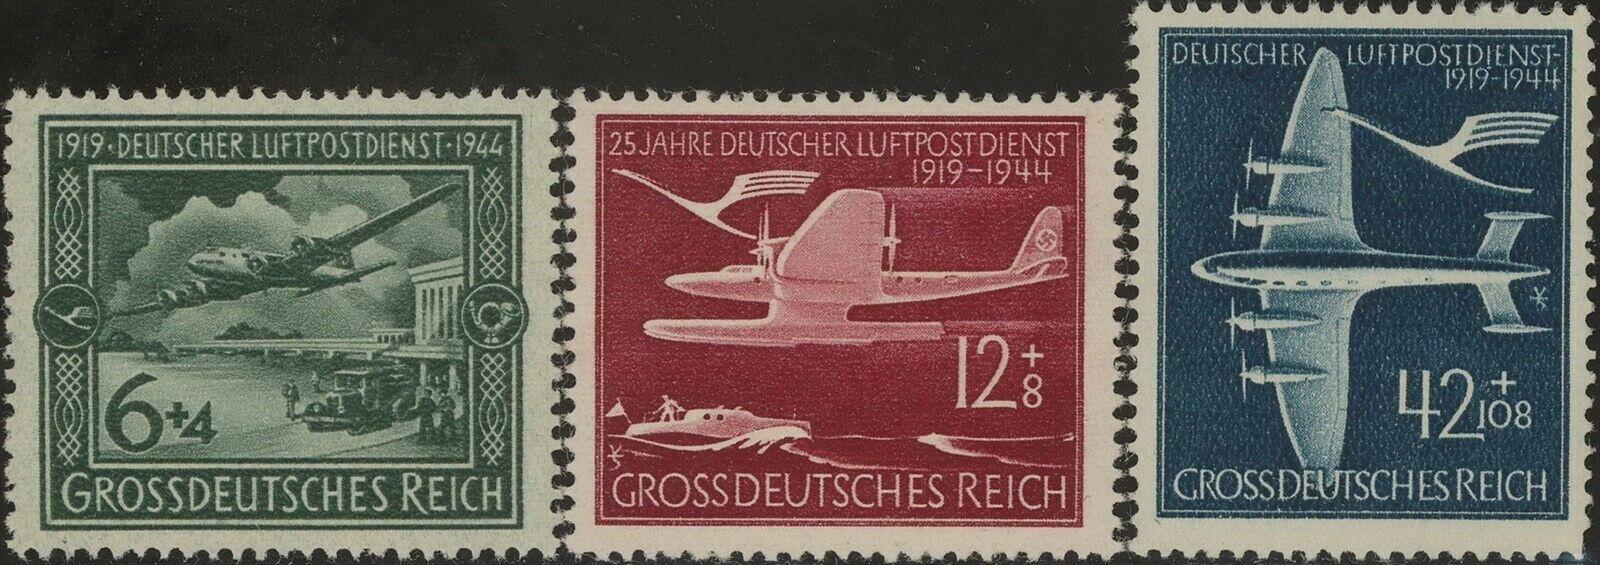 Germanyb252a c